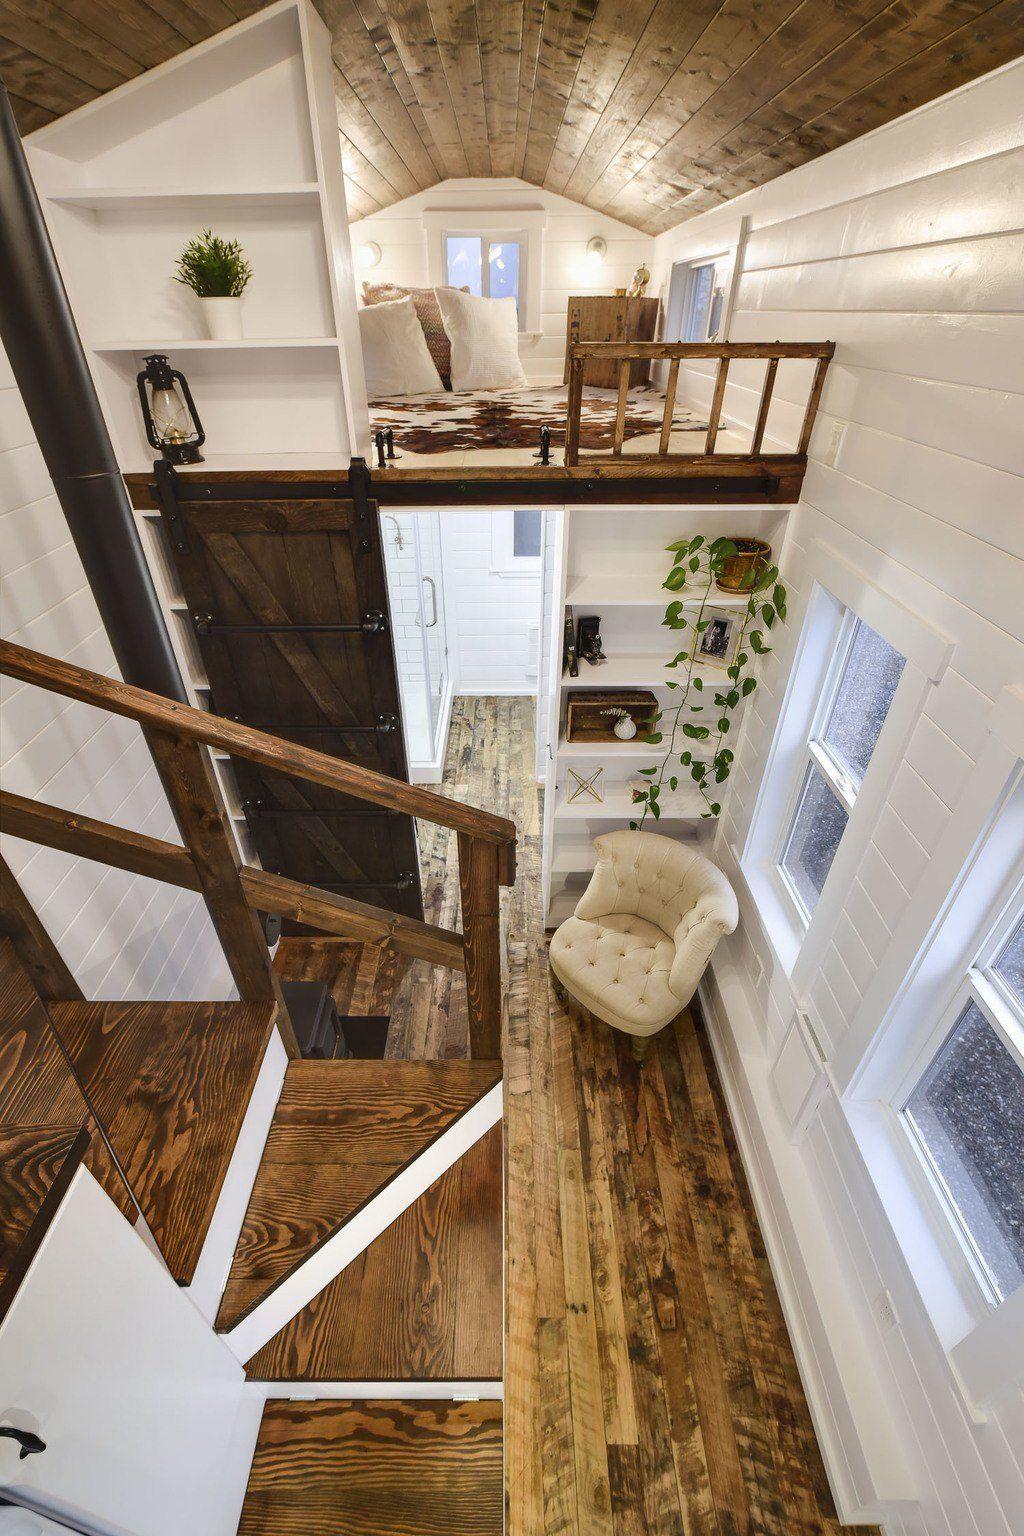 Rustic Loft Tiny House Luxury Tiny House Company Tiny House